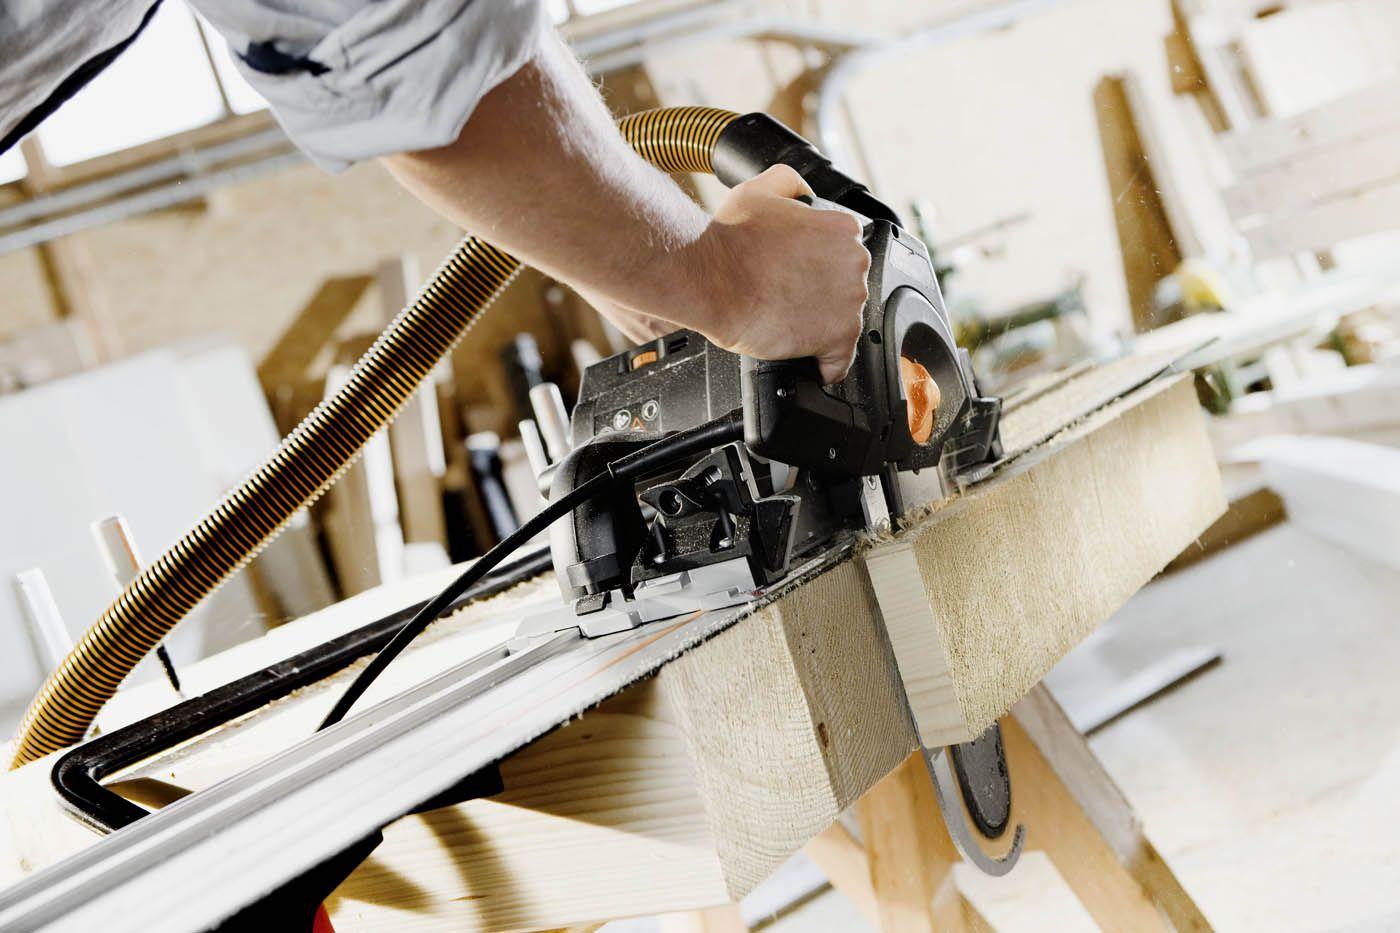 Sierras de carpintería: Pensemos por un momento que sería de los carpinteros sin estas sierras, por lo pronto tendrían que usar sierras manuales y serruchos para cortar la madera. http://www.equipamientohogar.com/maquinaria/sierras-de-carpinteria/ http://www.empresadereformas.ws/carpinteria/sierras-de-carpinteria.html